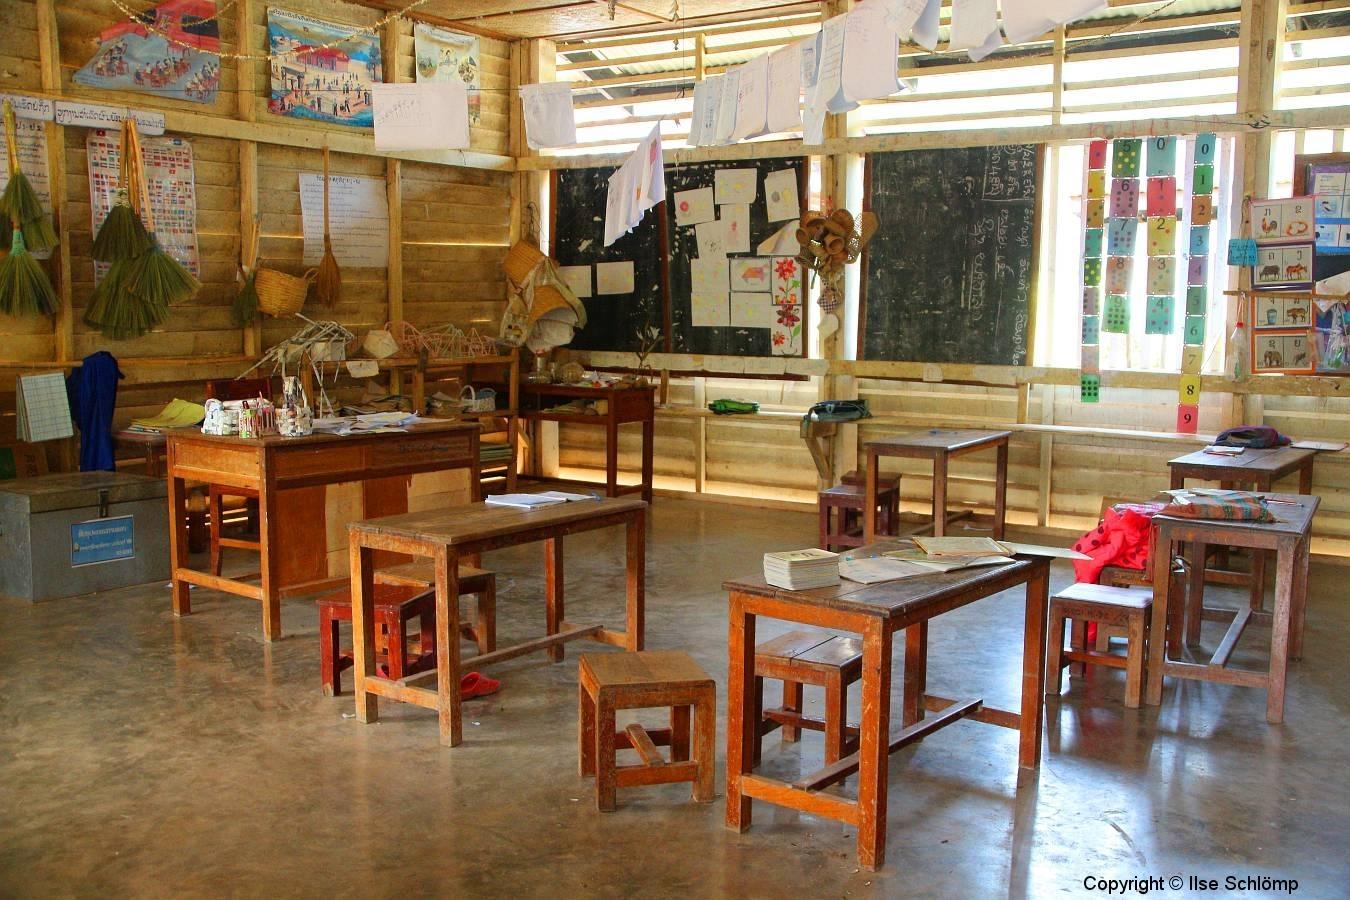 Laos, Oudomxay, Klassenzimmer